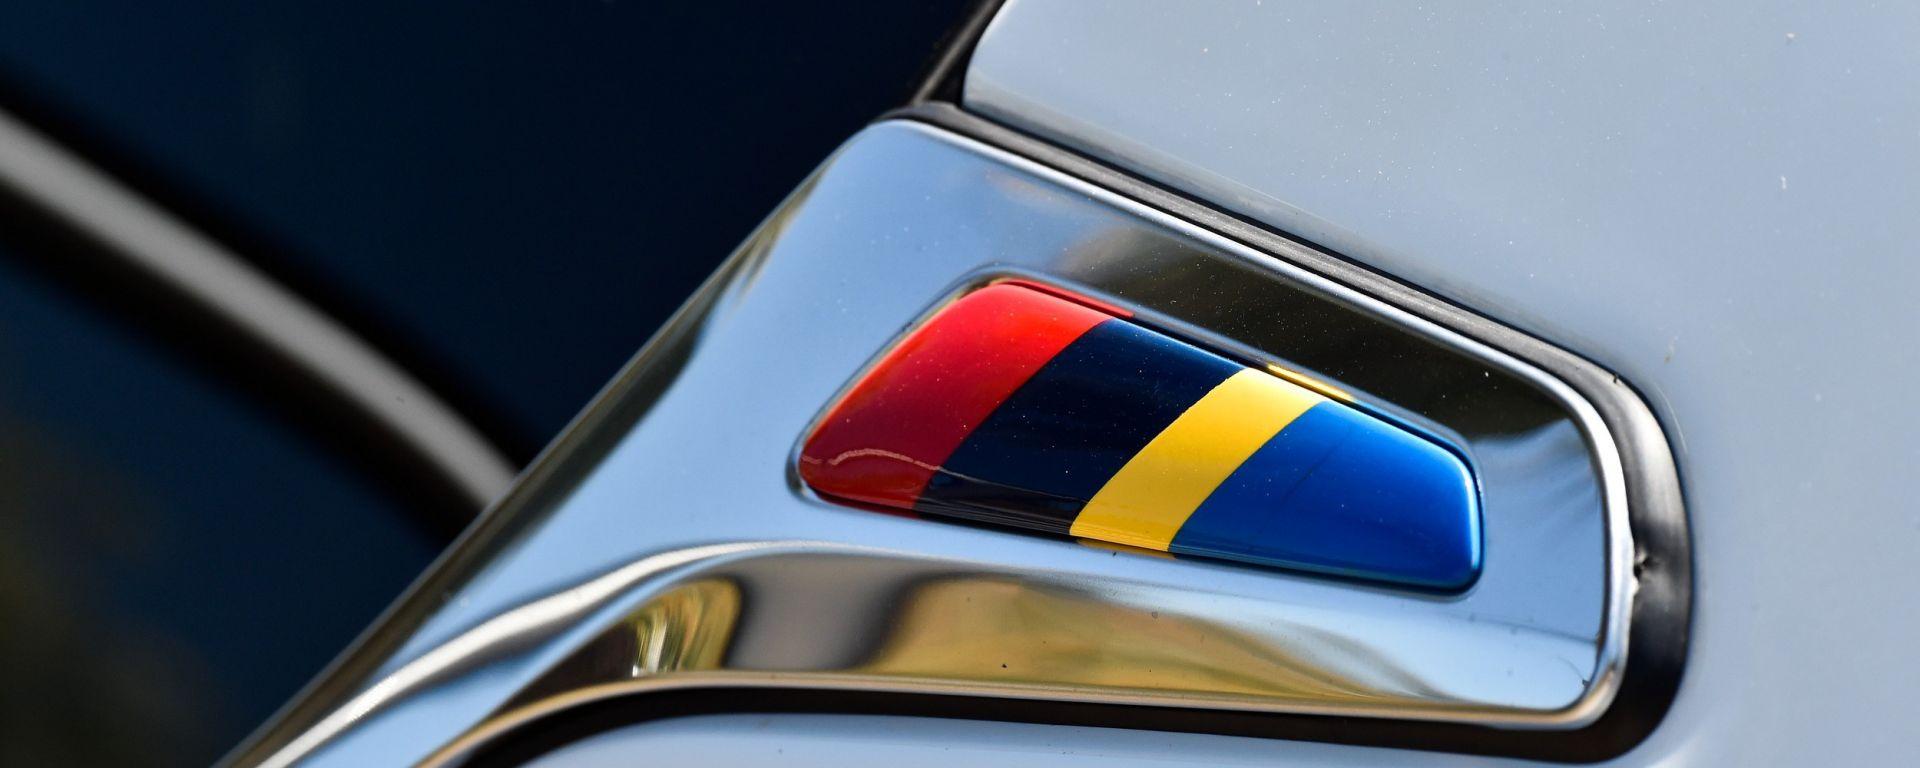 Peugeot 208 GTi UcciUssi